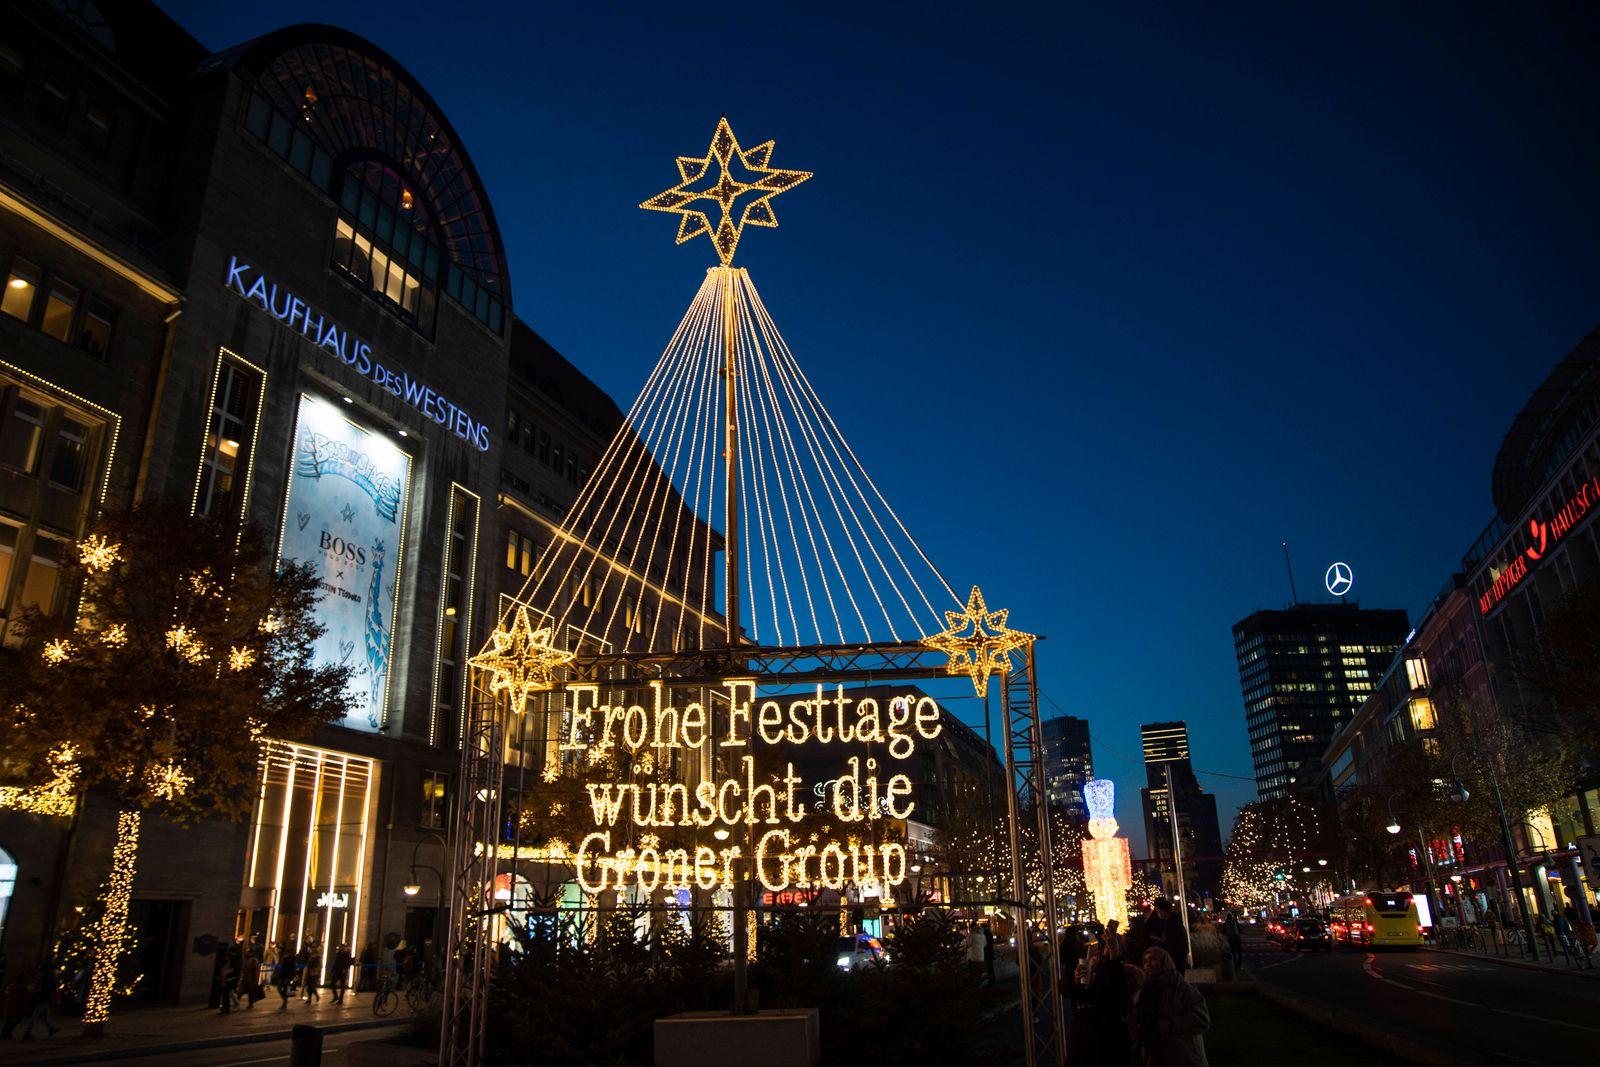 Weihnachtsbeleuchtungen auf der Tauentzienstrasse und am KaDeWe in Berlin am 24. November 2020. Black Week und Weihnach